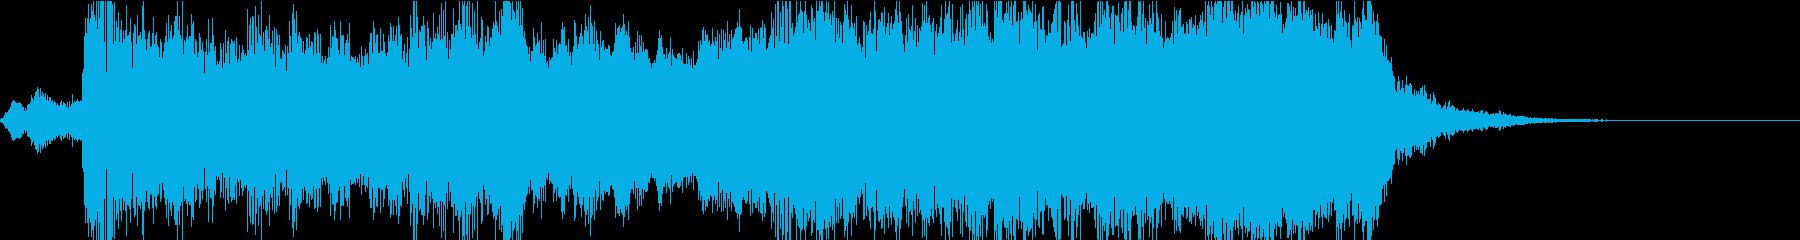 雄壮なオーケストラの再生済みの波形